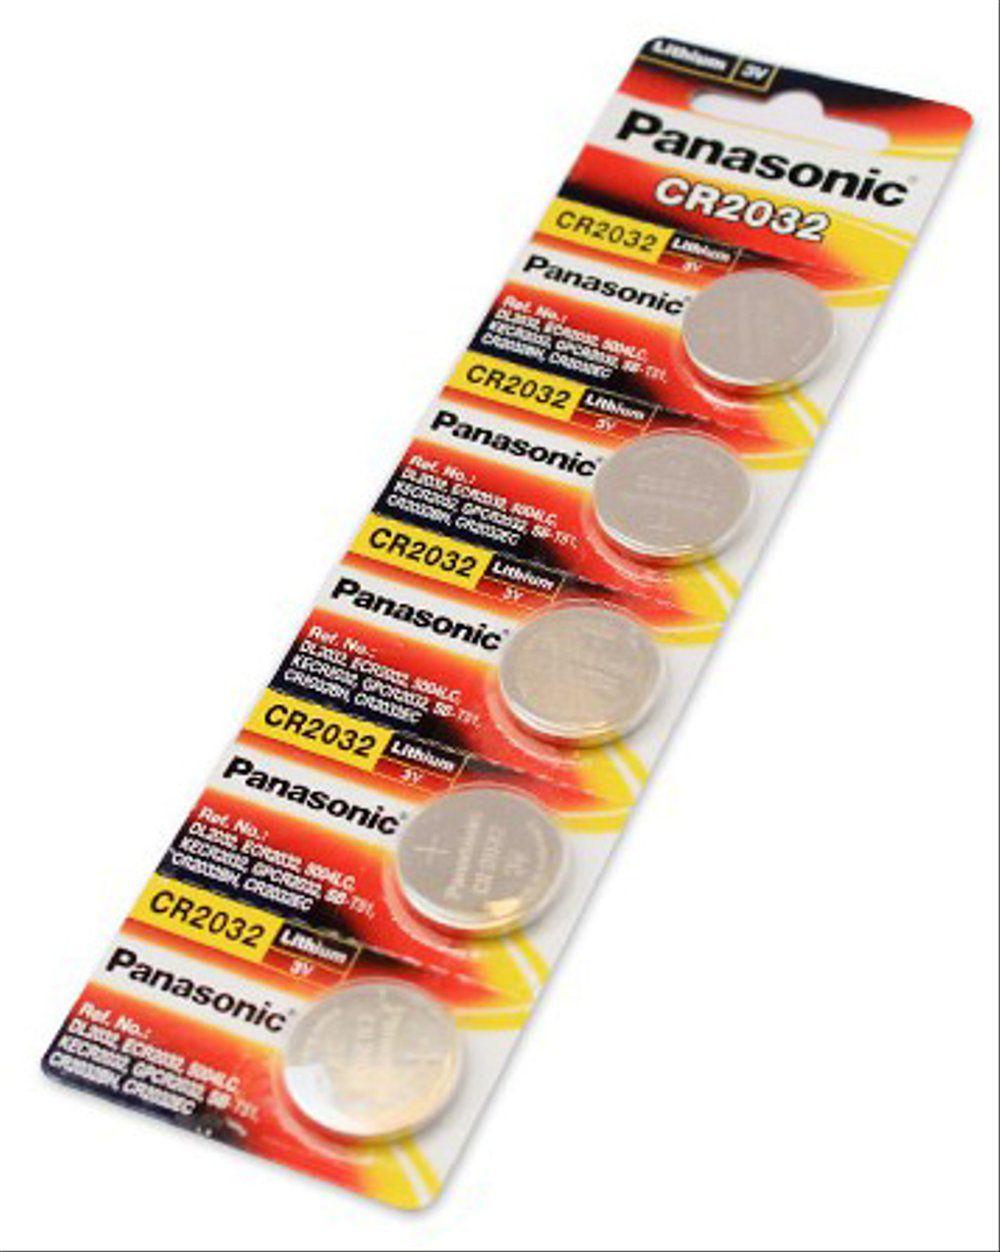 Bateria Panasonic Cr2032 Lithium 3v Cartela Com 5 Unidades